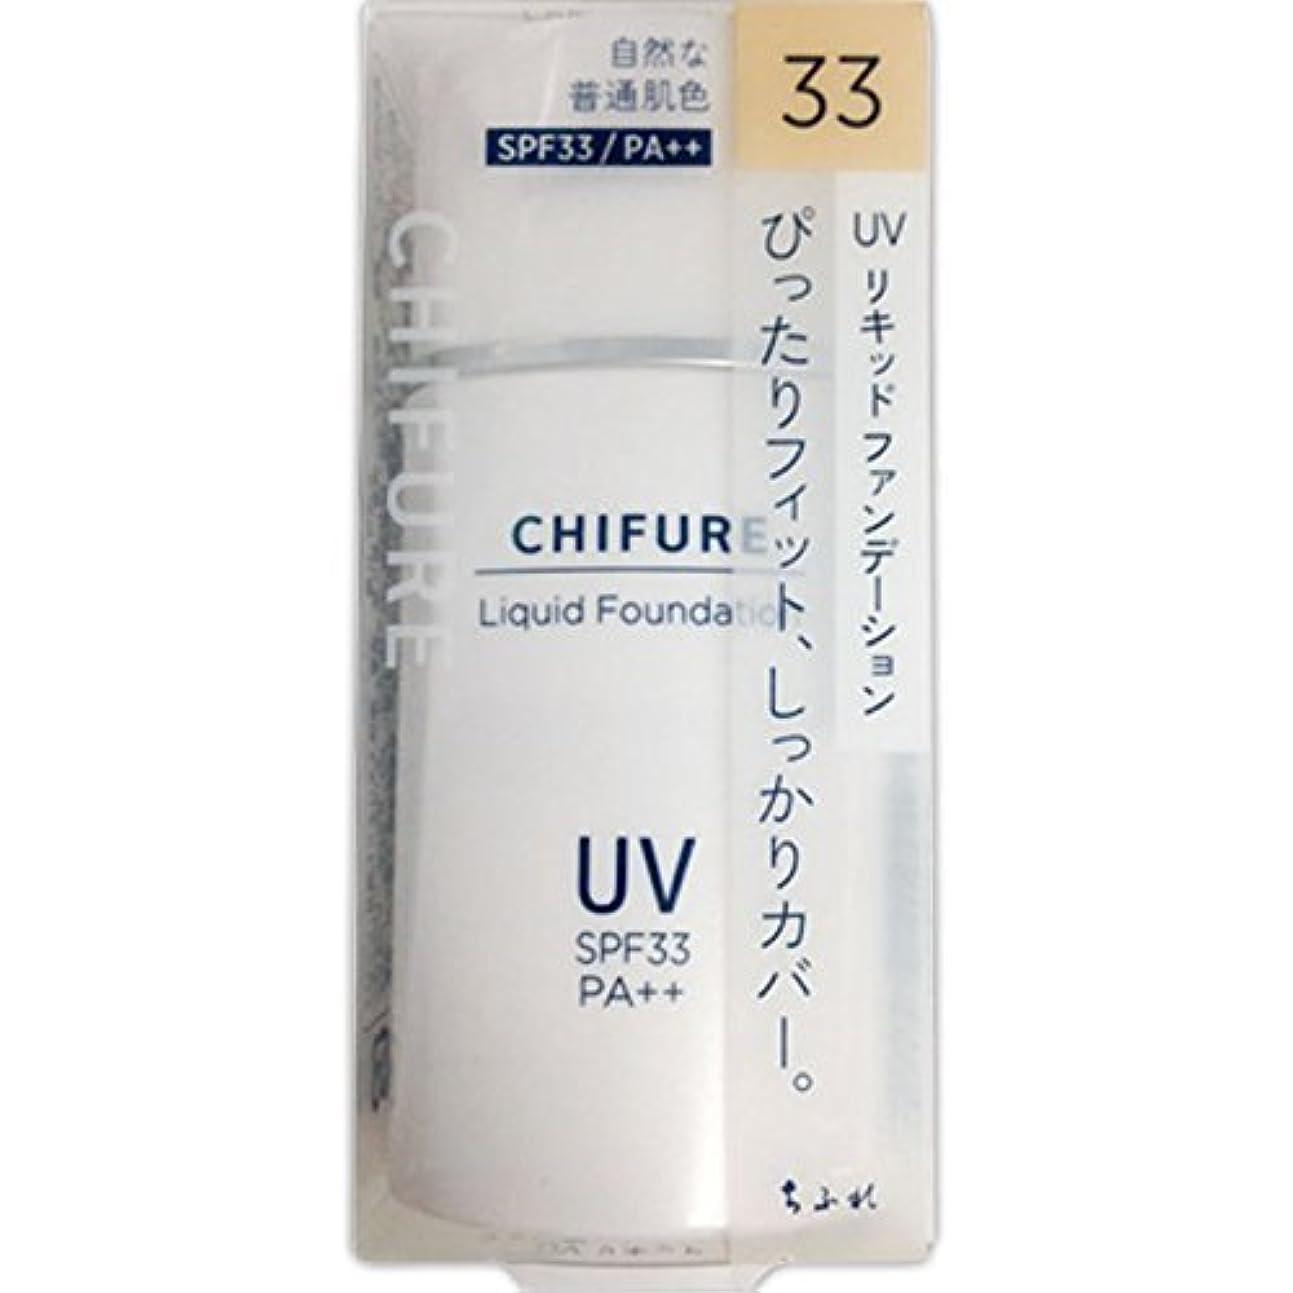 アルプス備品湿ったちふれ化粧品 UV リキッド ファンデーション 33 自然な普通肌色 30ML